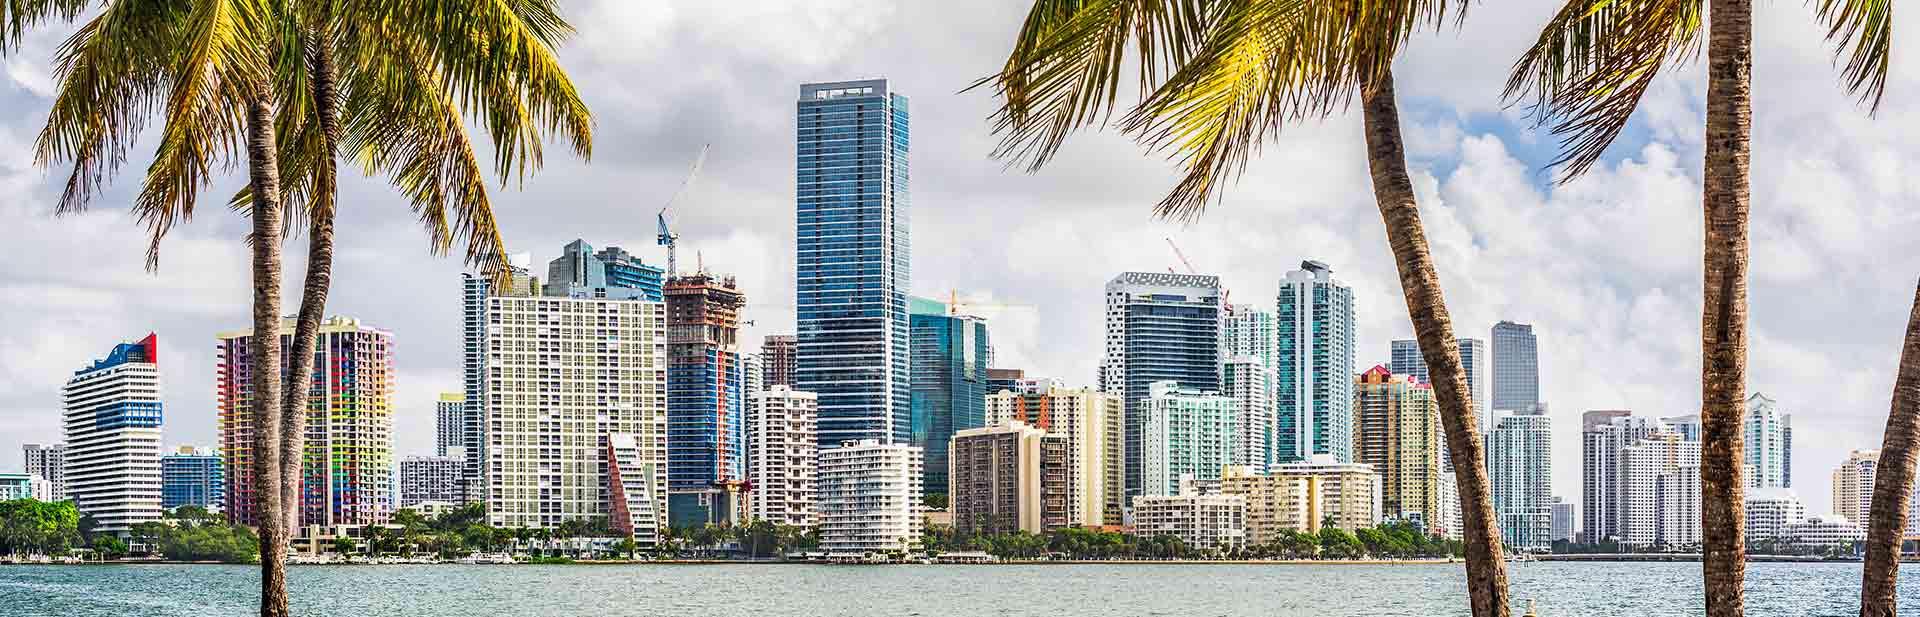 Educatius-Miami-Dade-County-Schools-USA-MiamiShore-City-2019